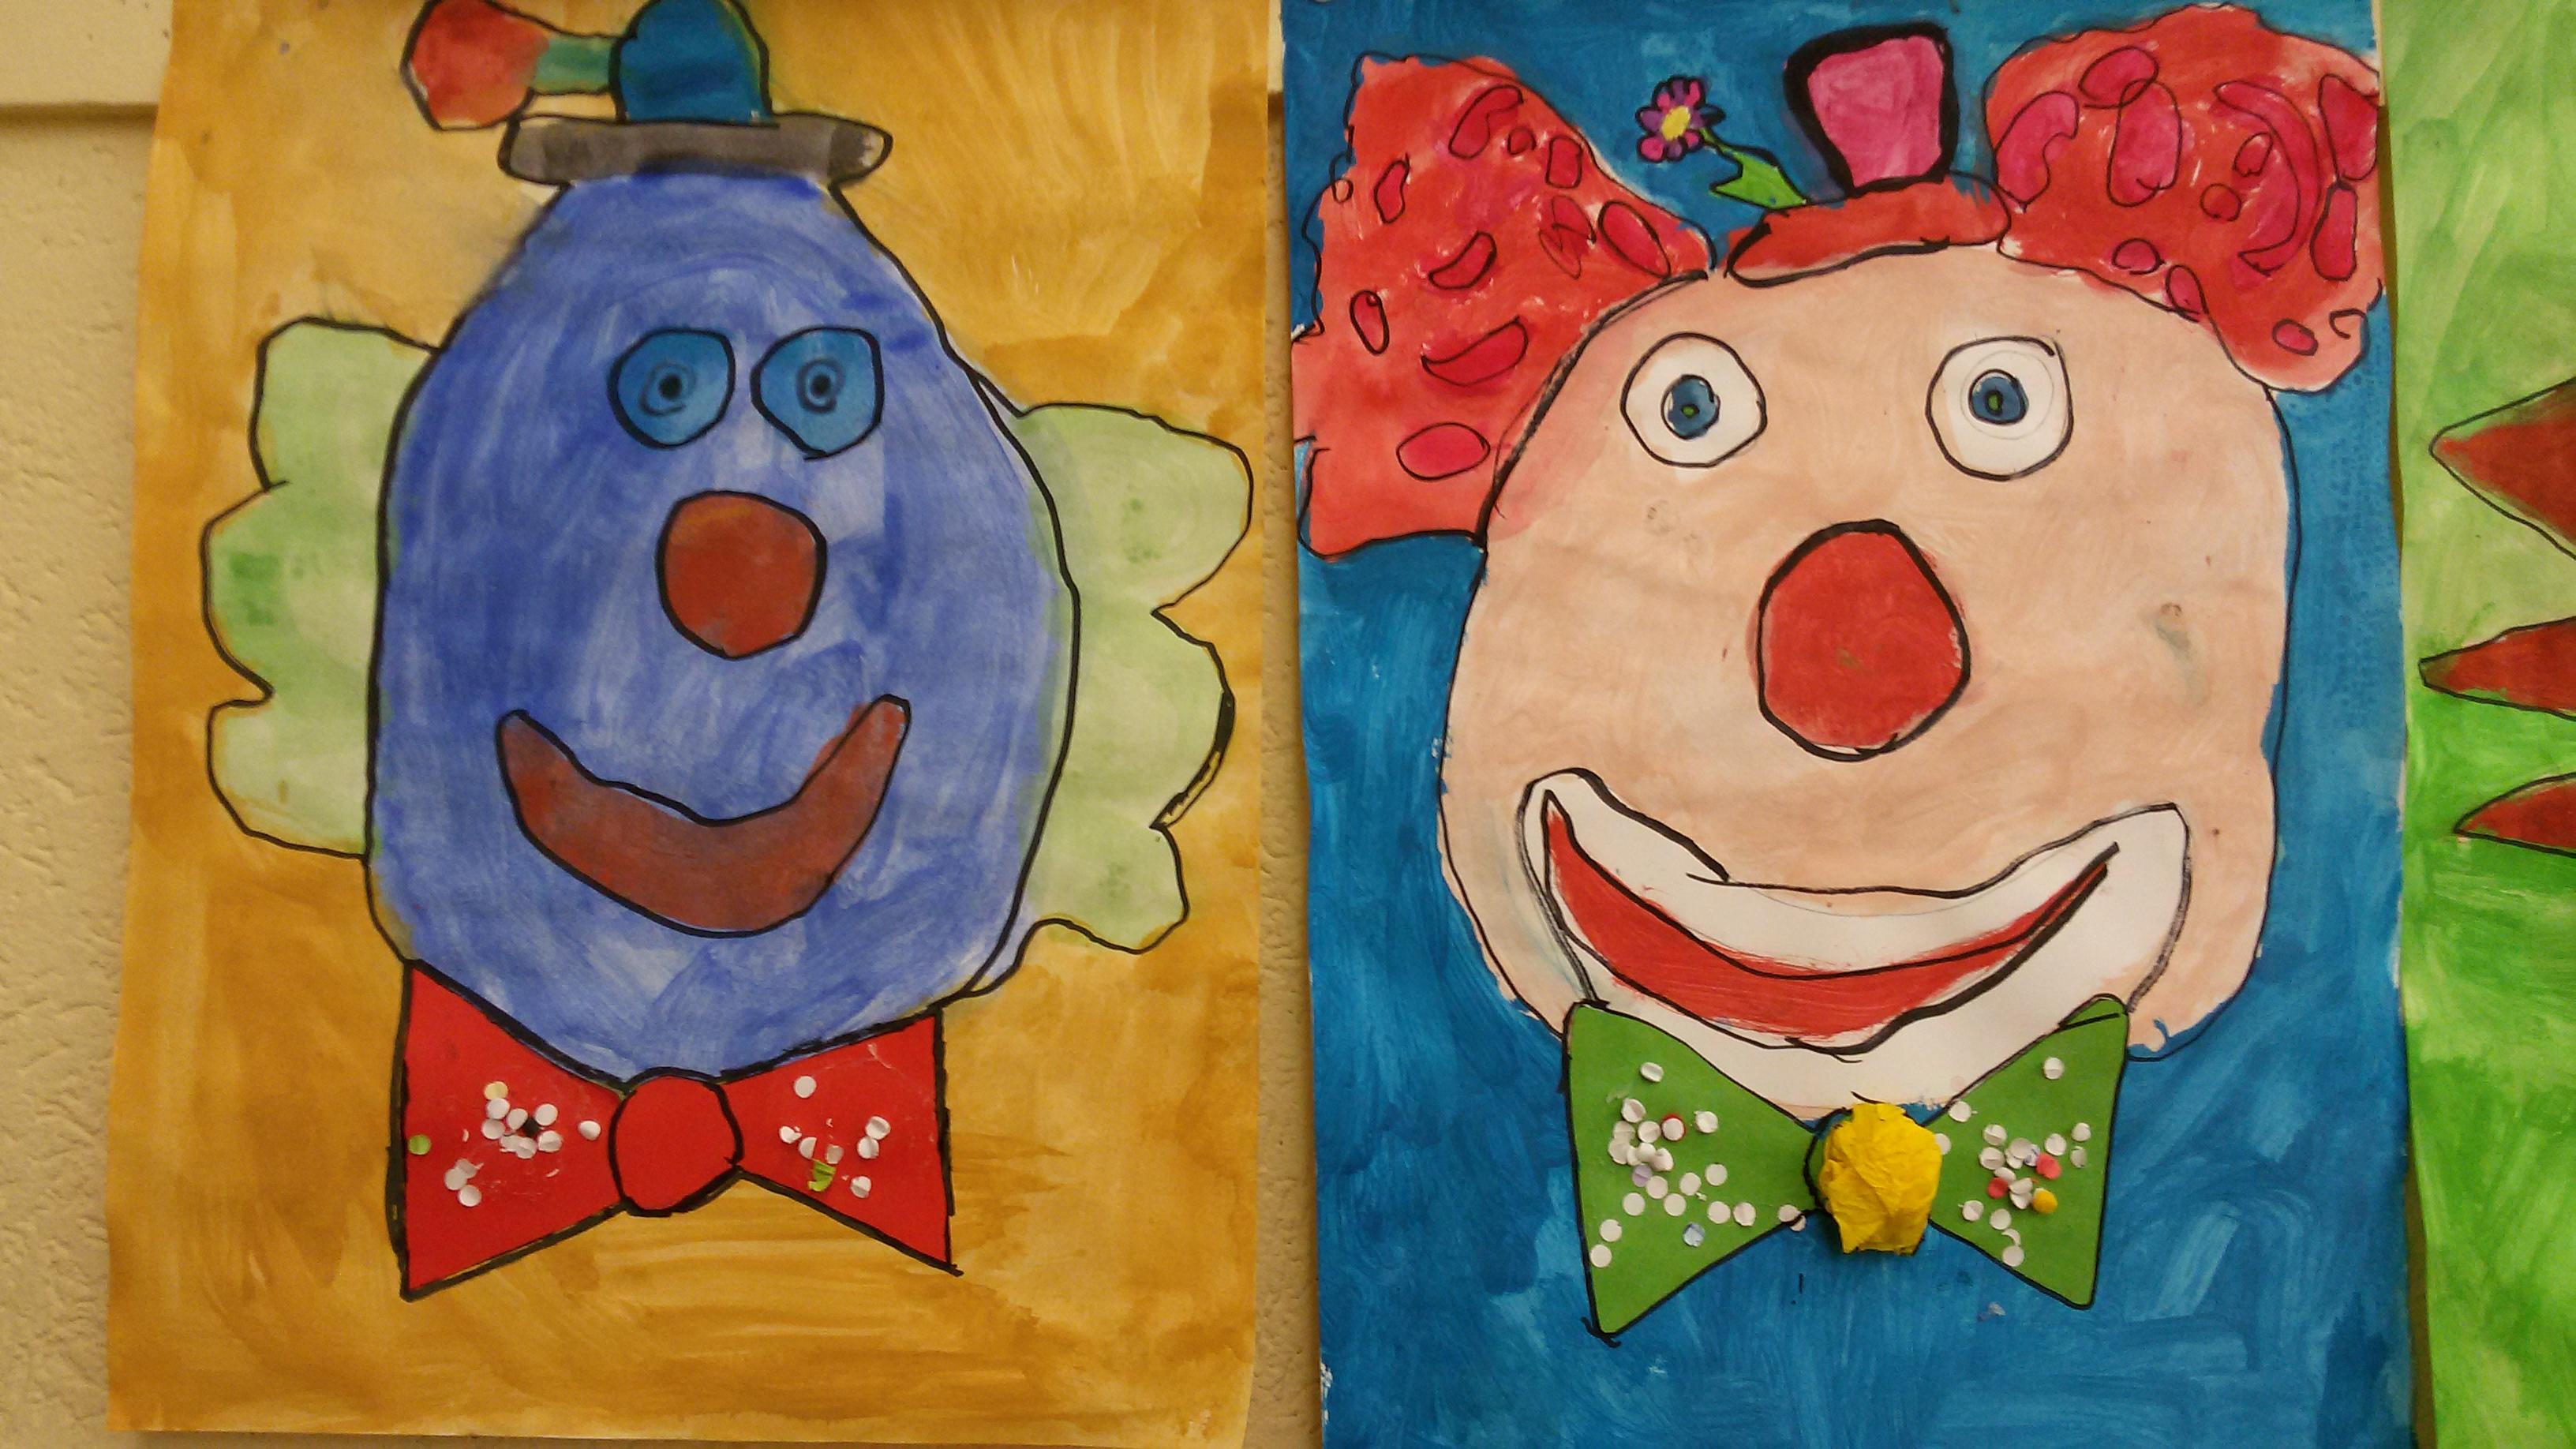 Clowns In Der 3b Ggs Paffrathggs Paffrath